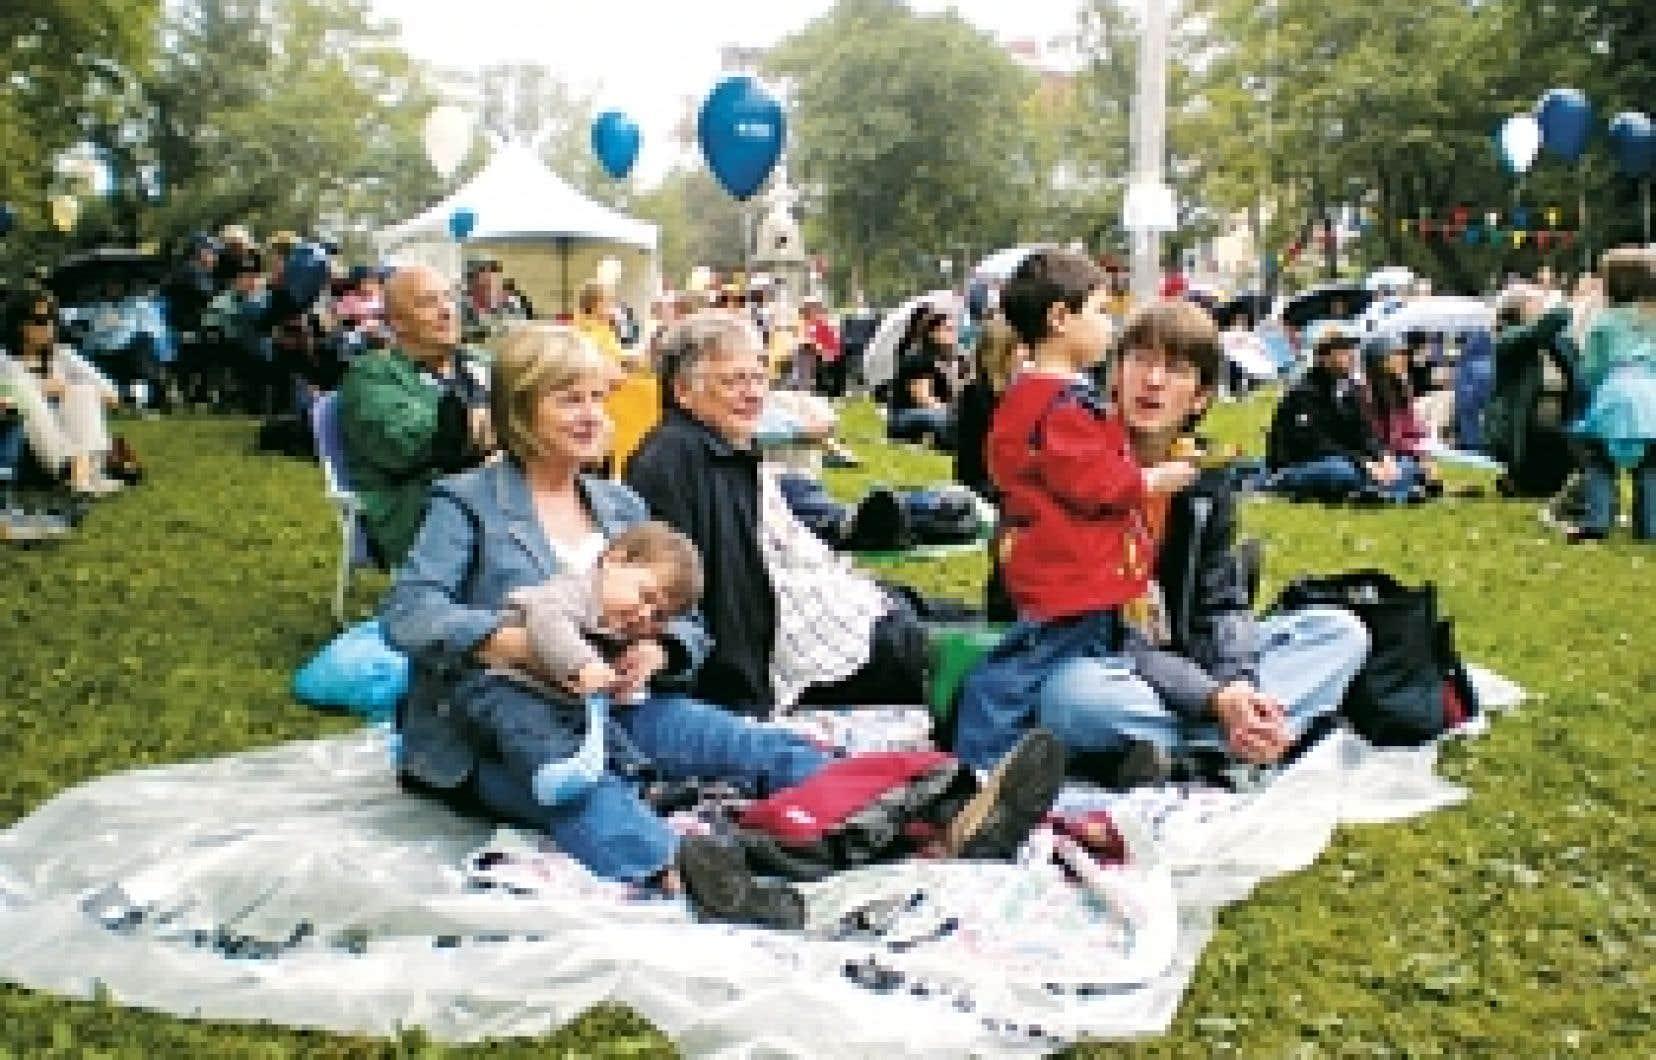 Dans les nombreux festivals folk qui se tiennent en dehors de la capitale, des formations d'ados font rocker, comme dans la capitale, les violons, les accordéons et les banjos.